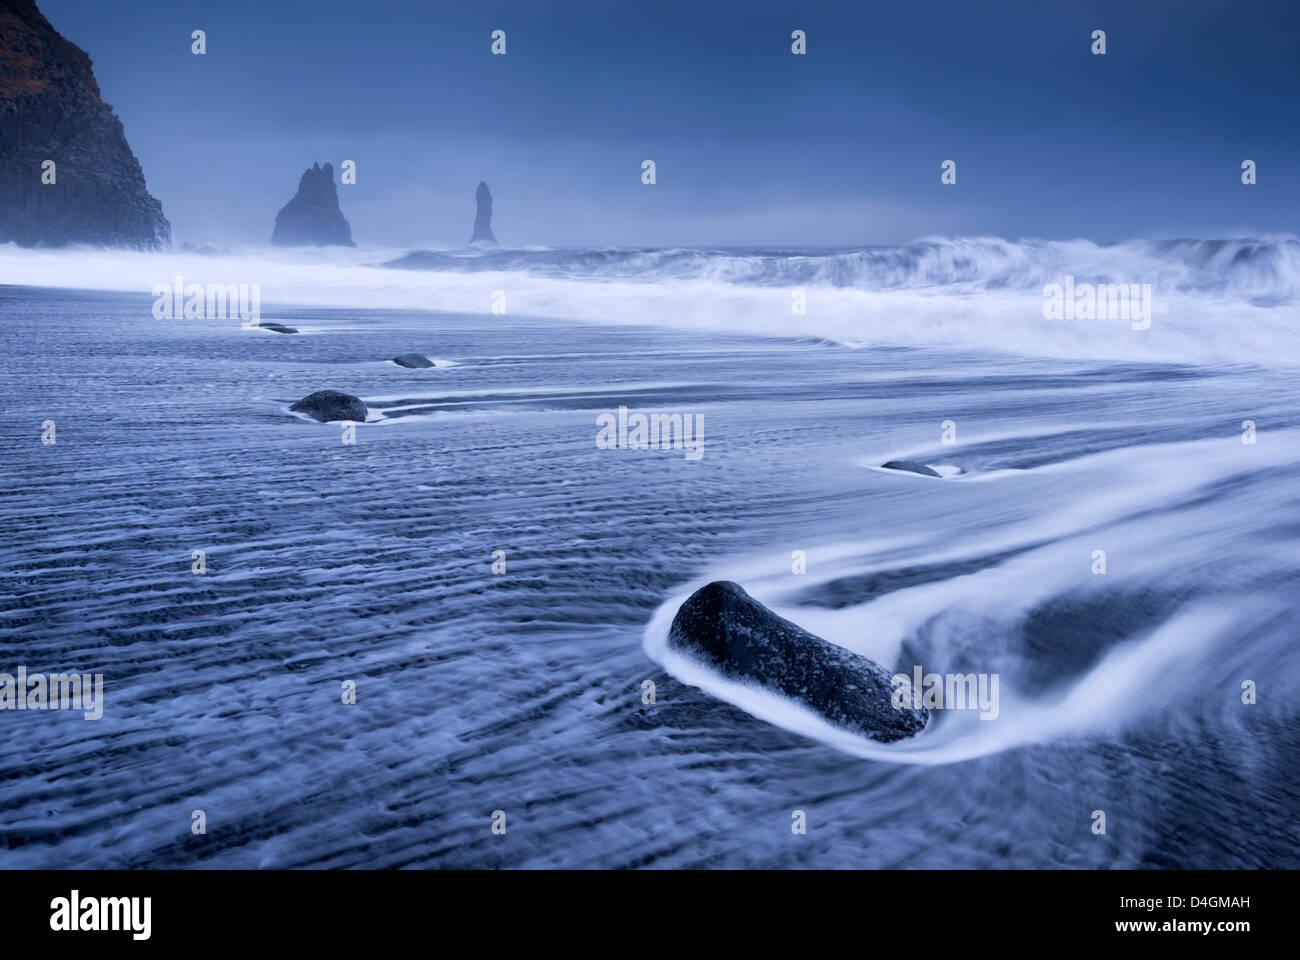 Le onde impetuose sulla spiaggia di sabbia nera vicino a Vik sulla costa sud dell'Islanda. Inverno (gennaio) Immagini Stock